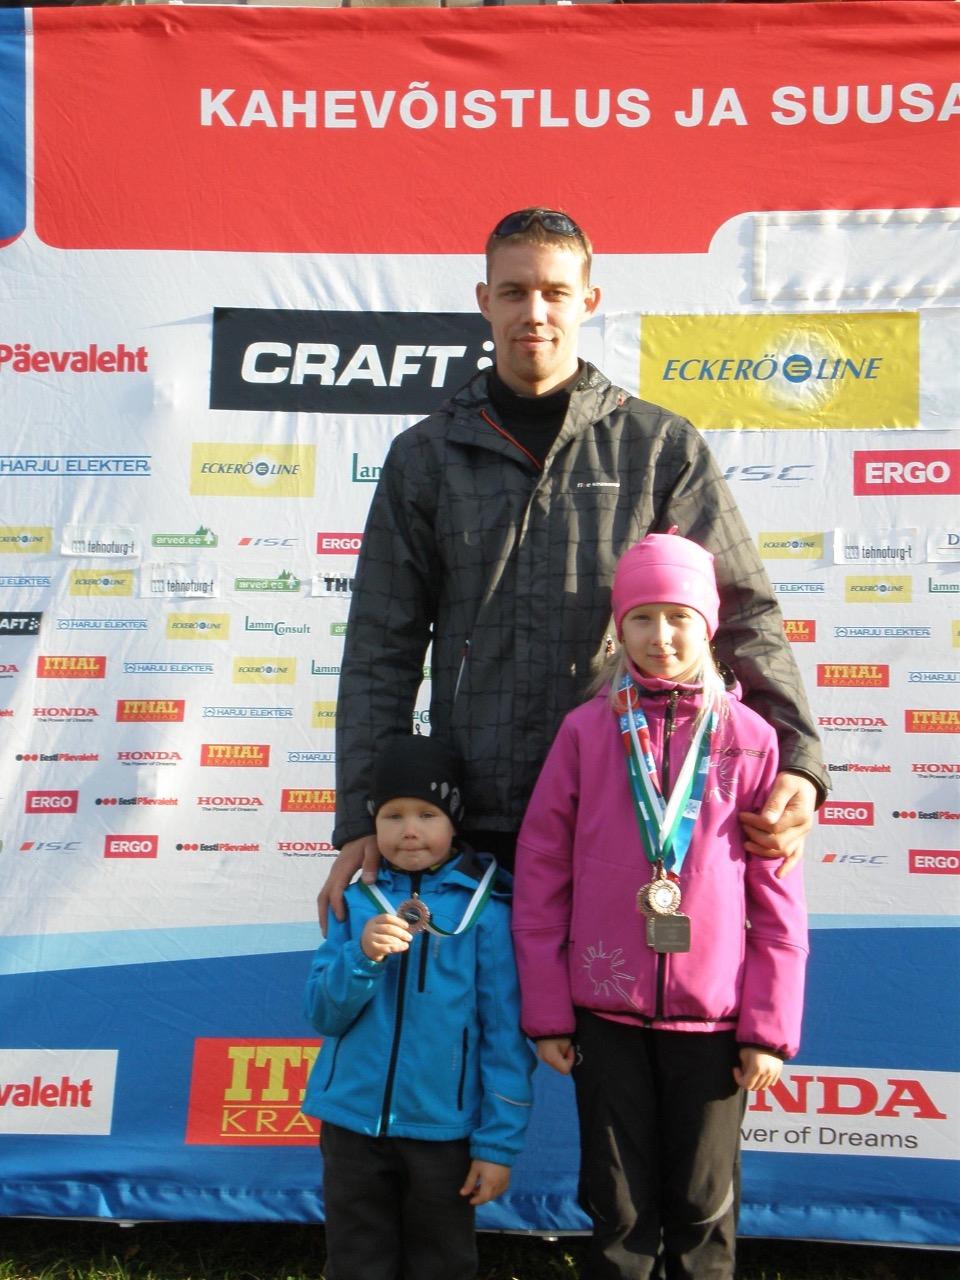 Вигар Вагул с детьми, Каймаром и Грете